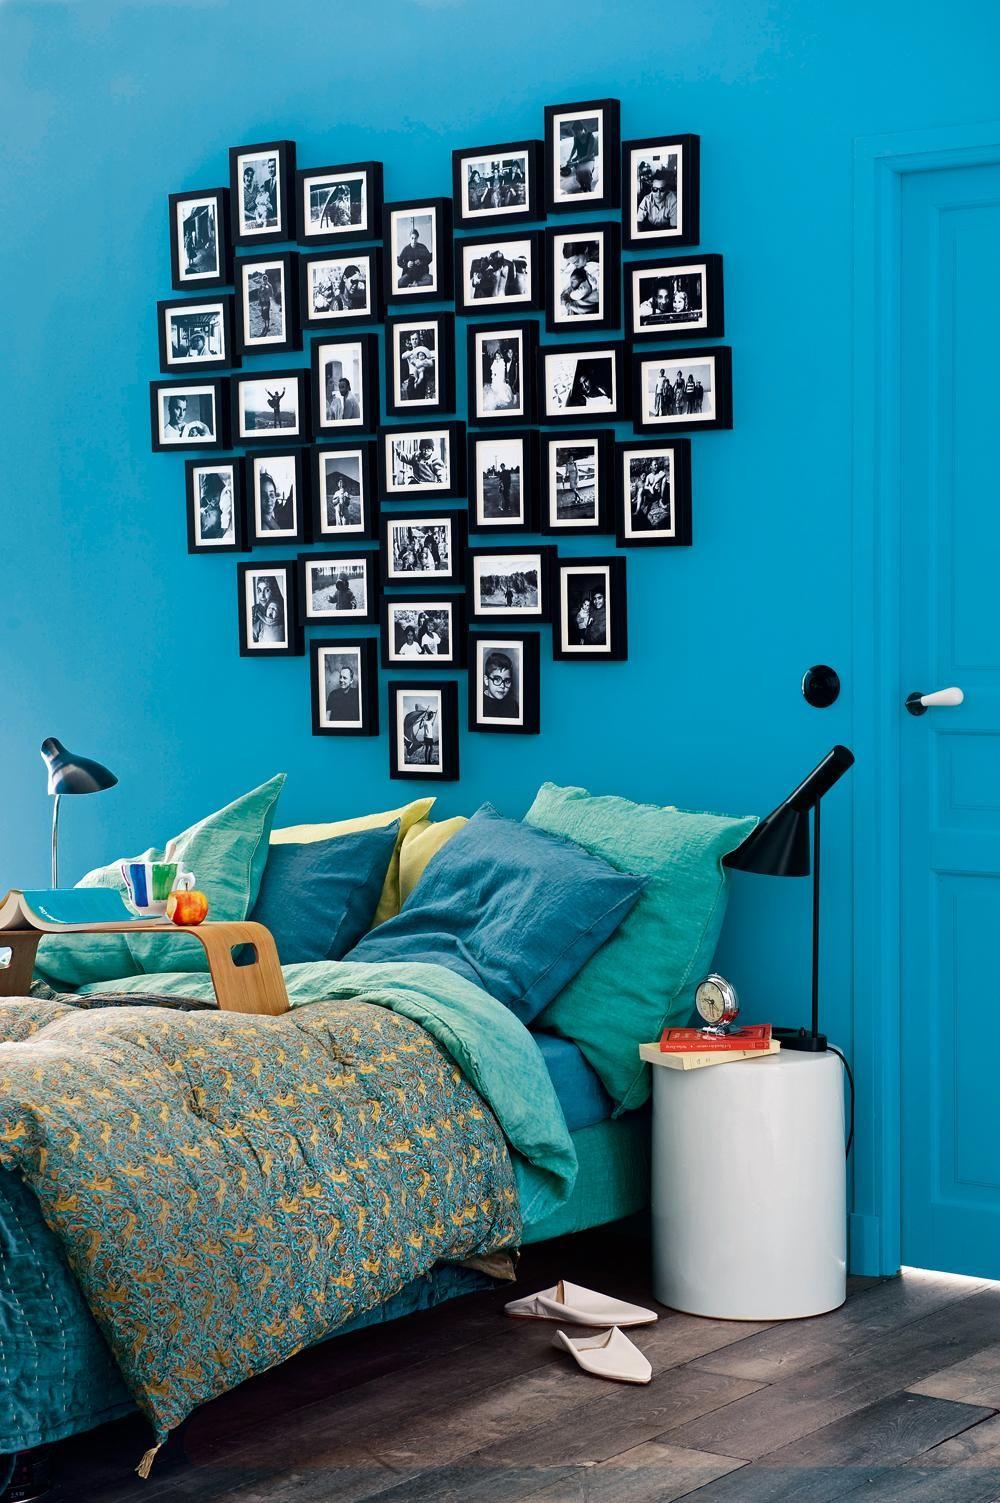 Романтичная идея для спальни - выложенное из кадров сердце